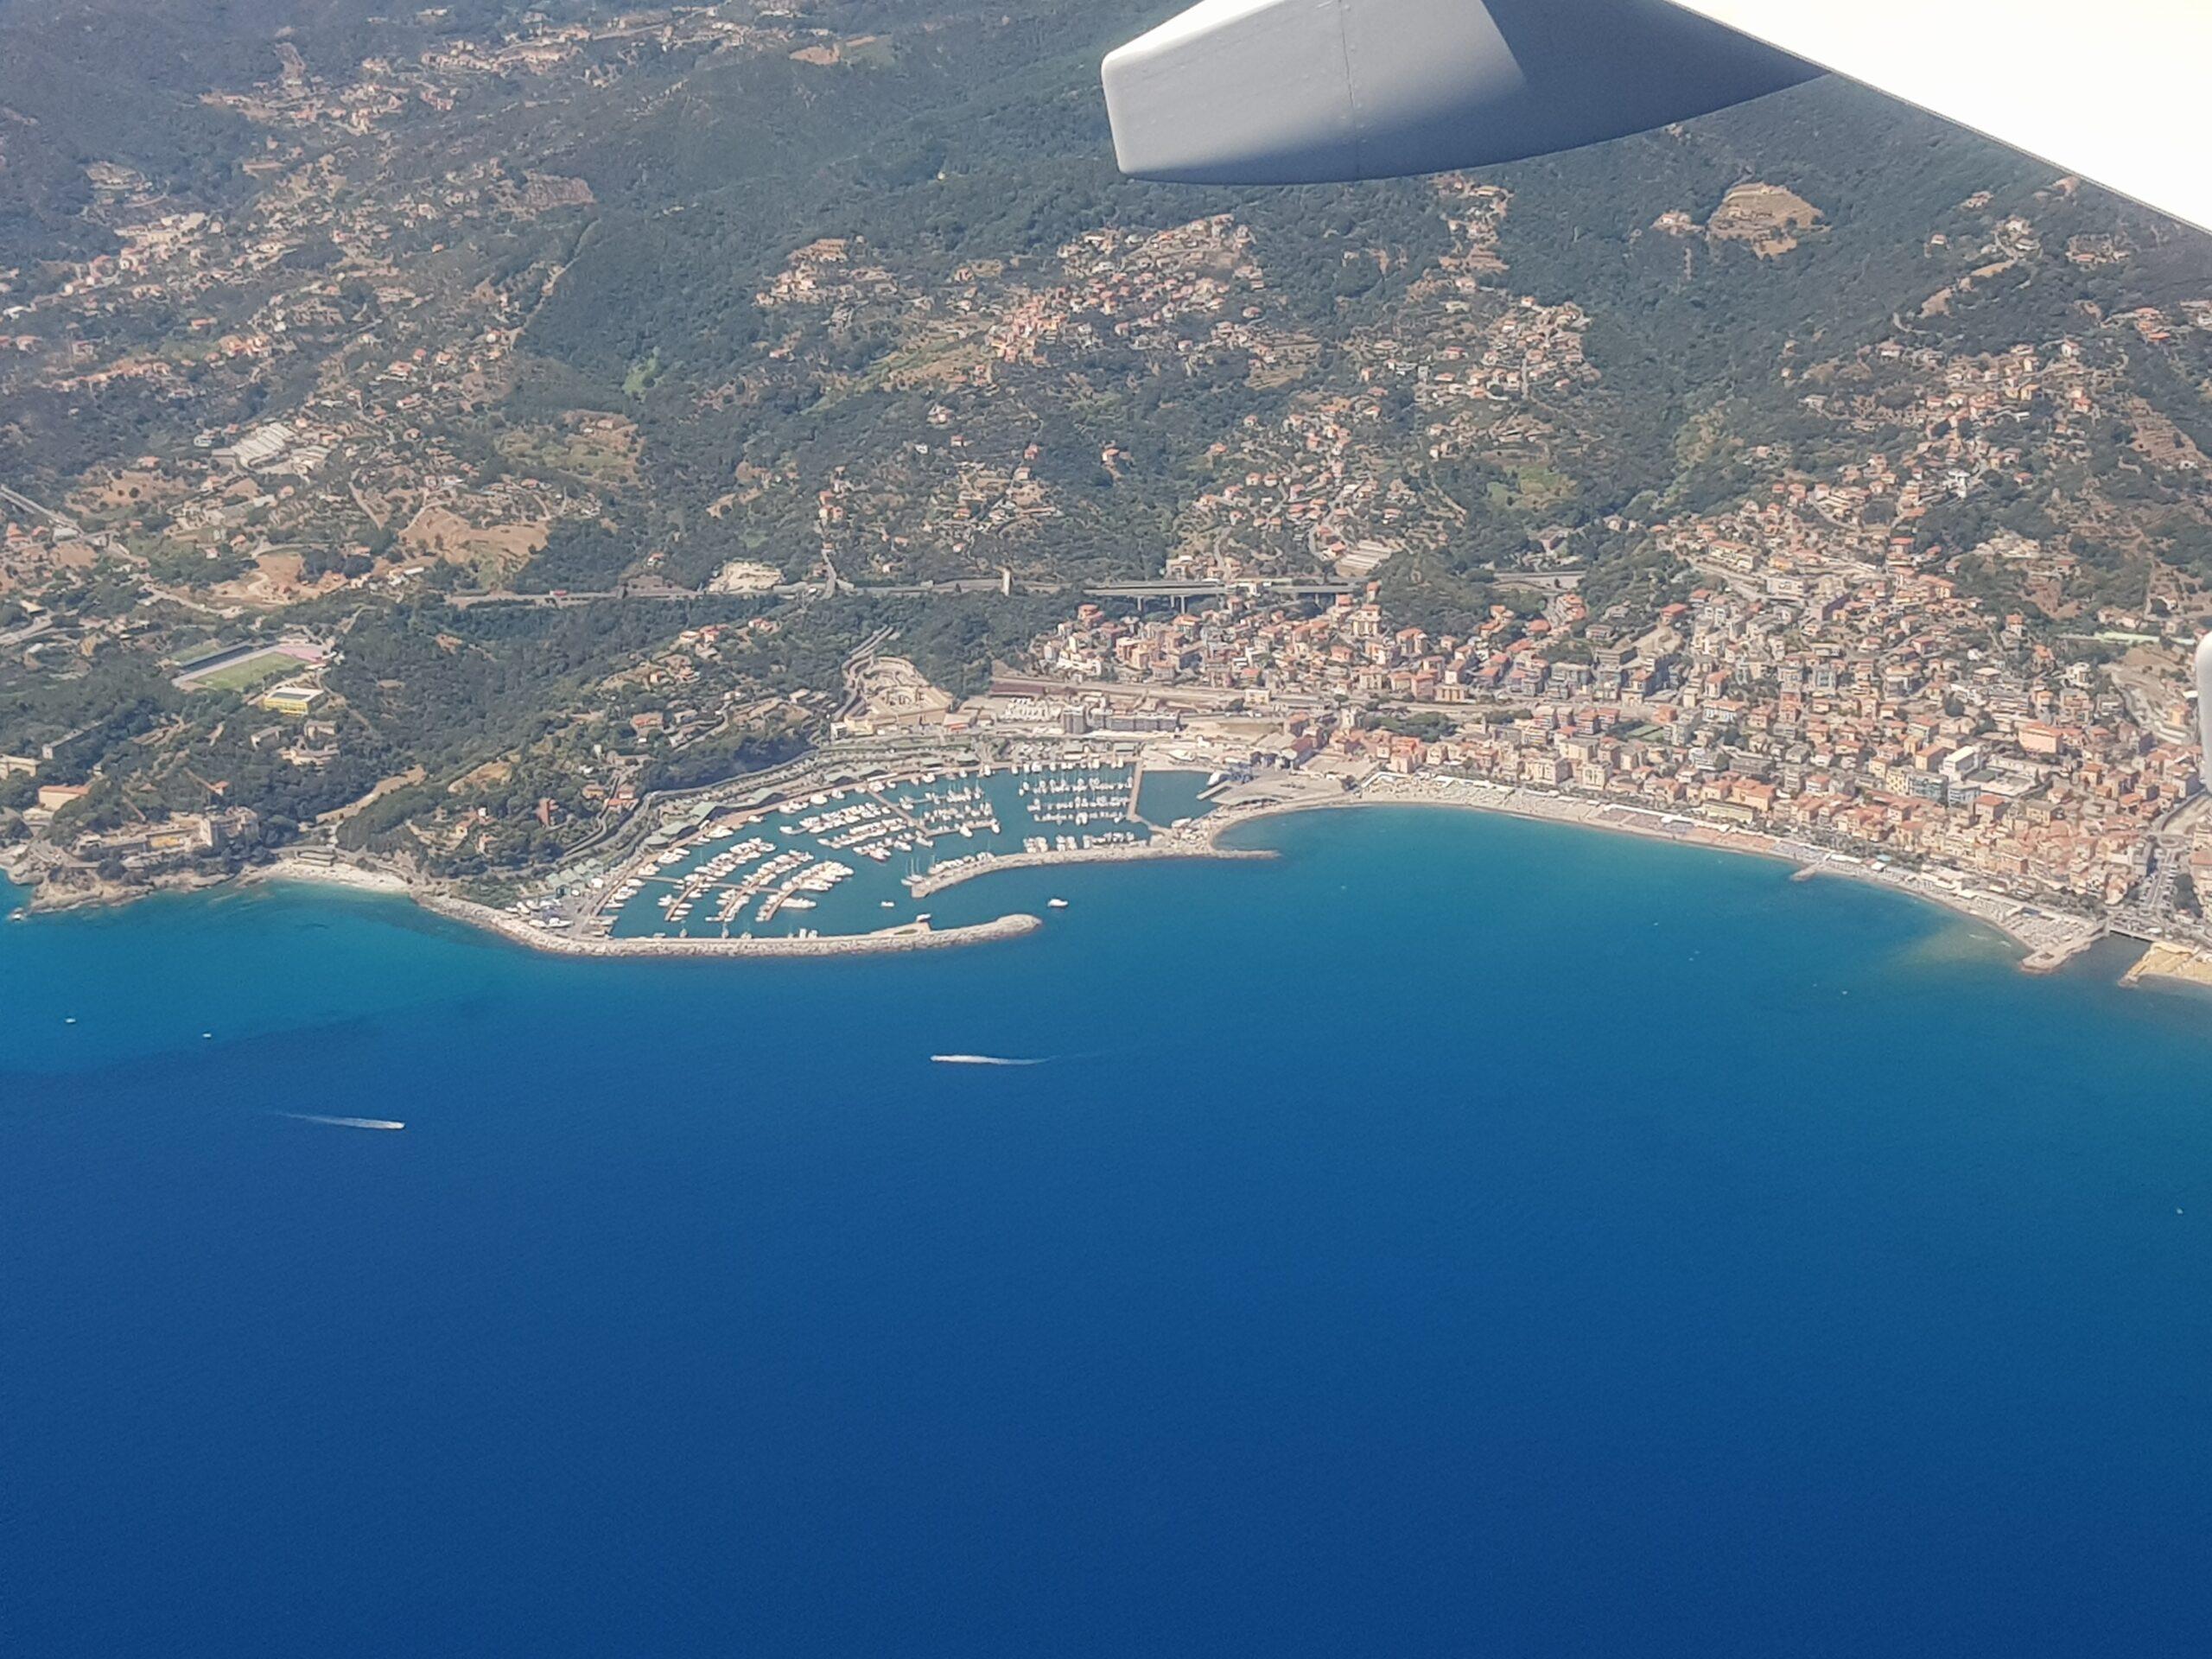 vakantie aan de Ligurisch kust